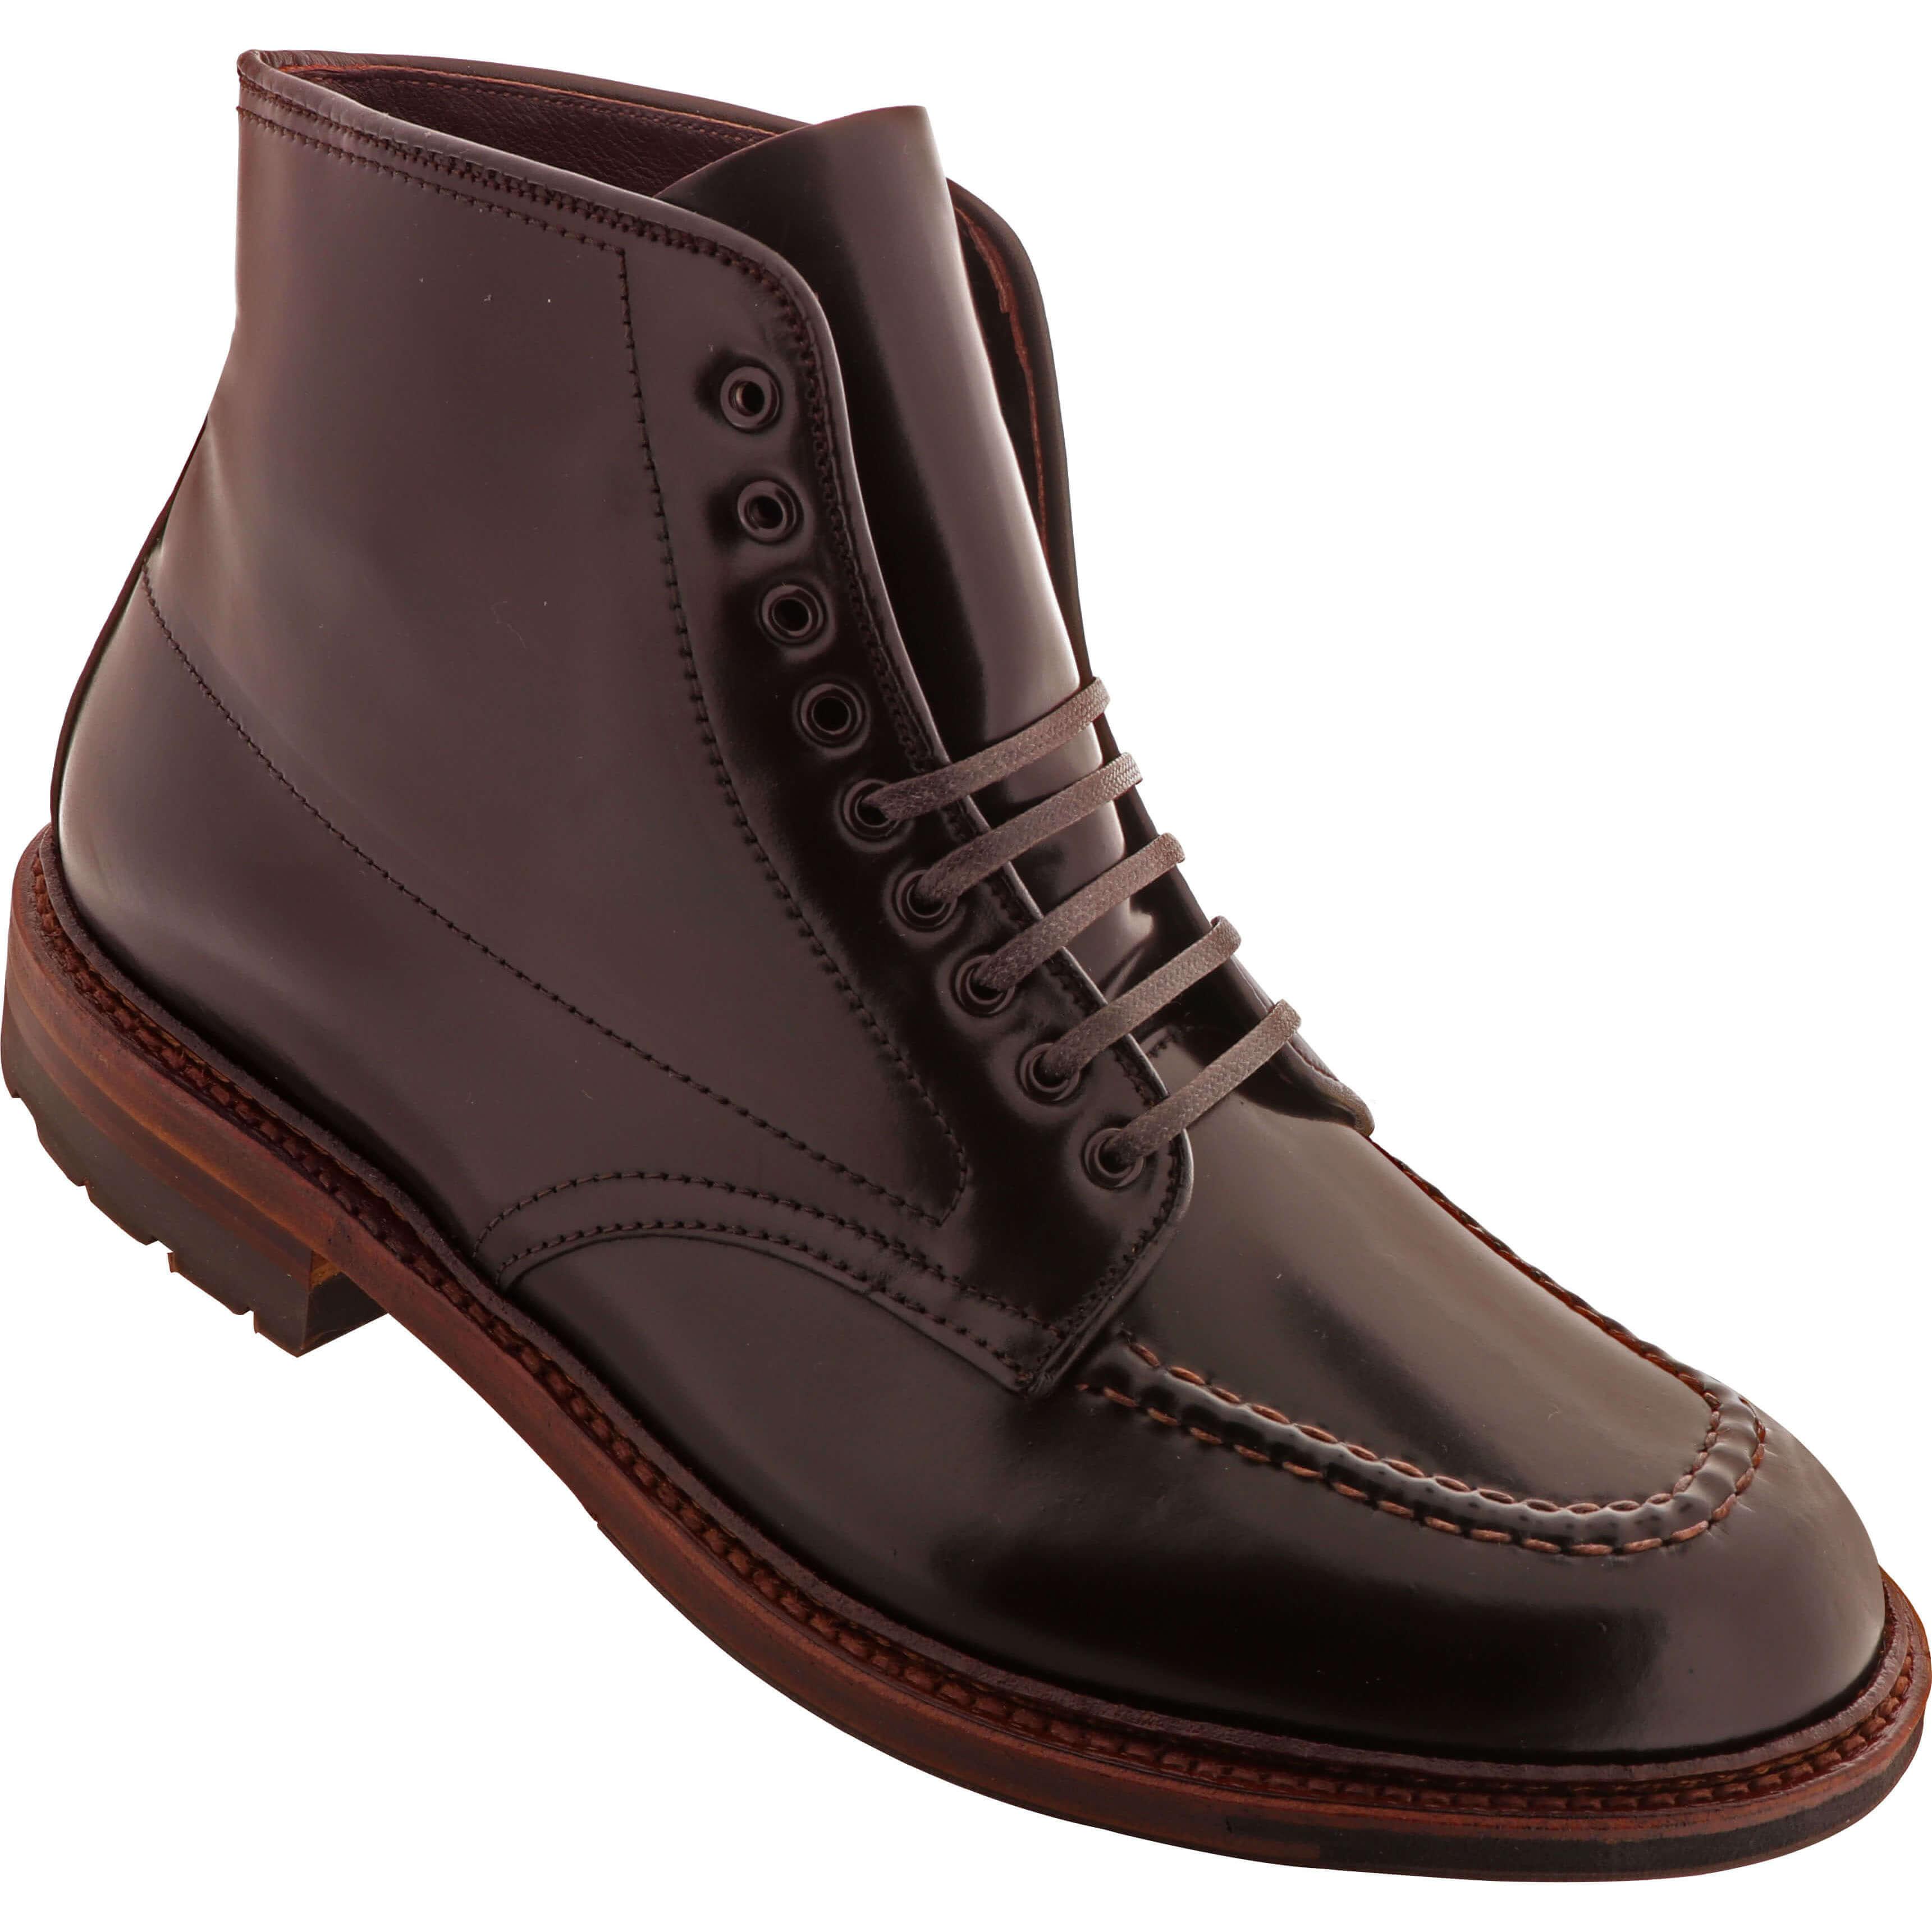 f48247ad89c Alden Shoes Men s Indy Boot Shell Cordovan Antique Edge D6947C Color ...